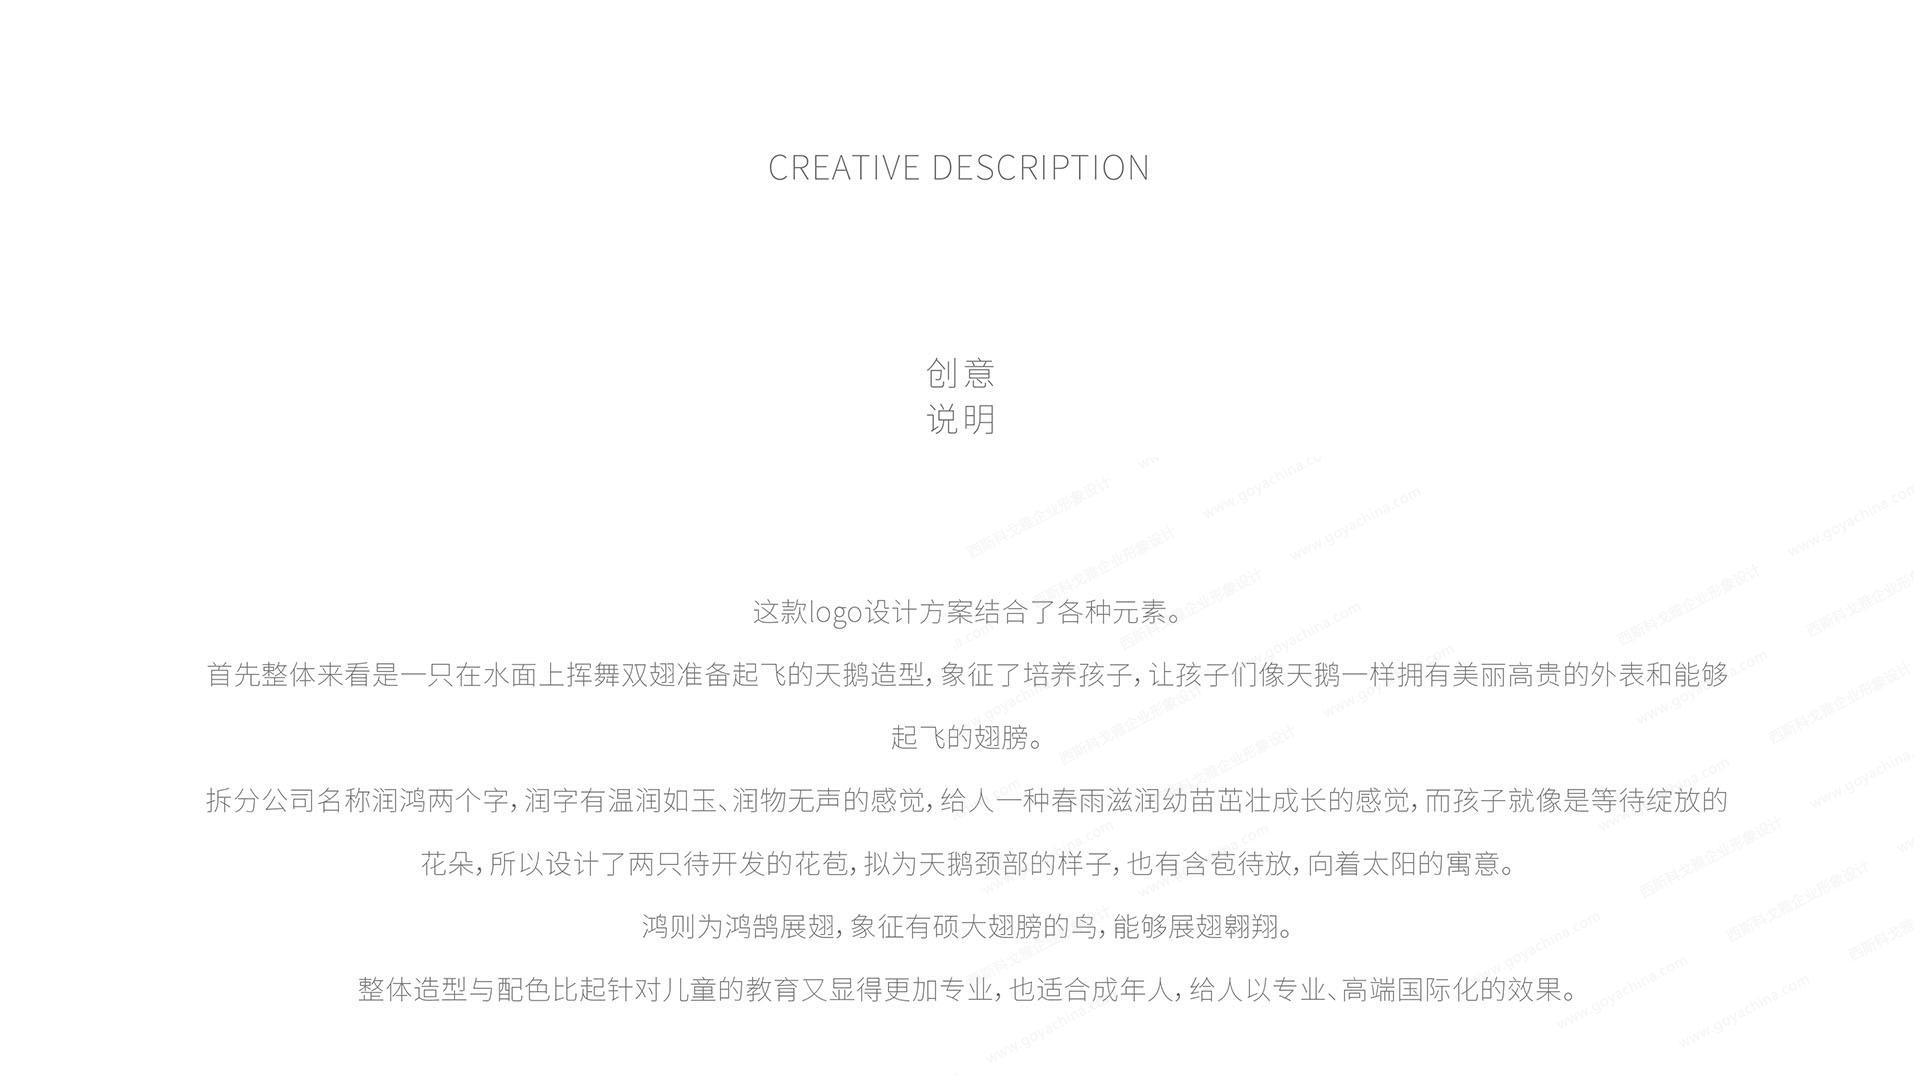 润鸿艺体logo案例整理-03.jpg